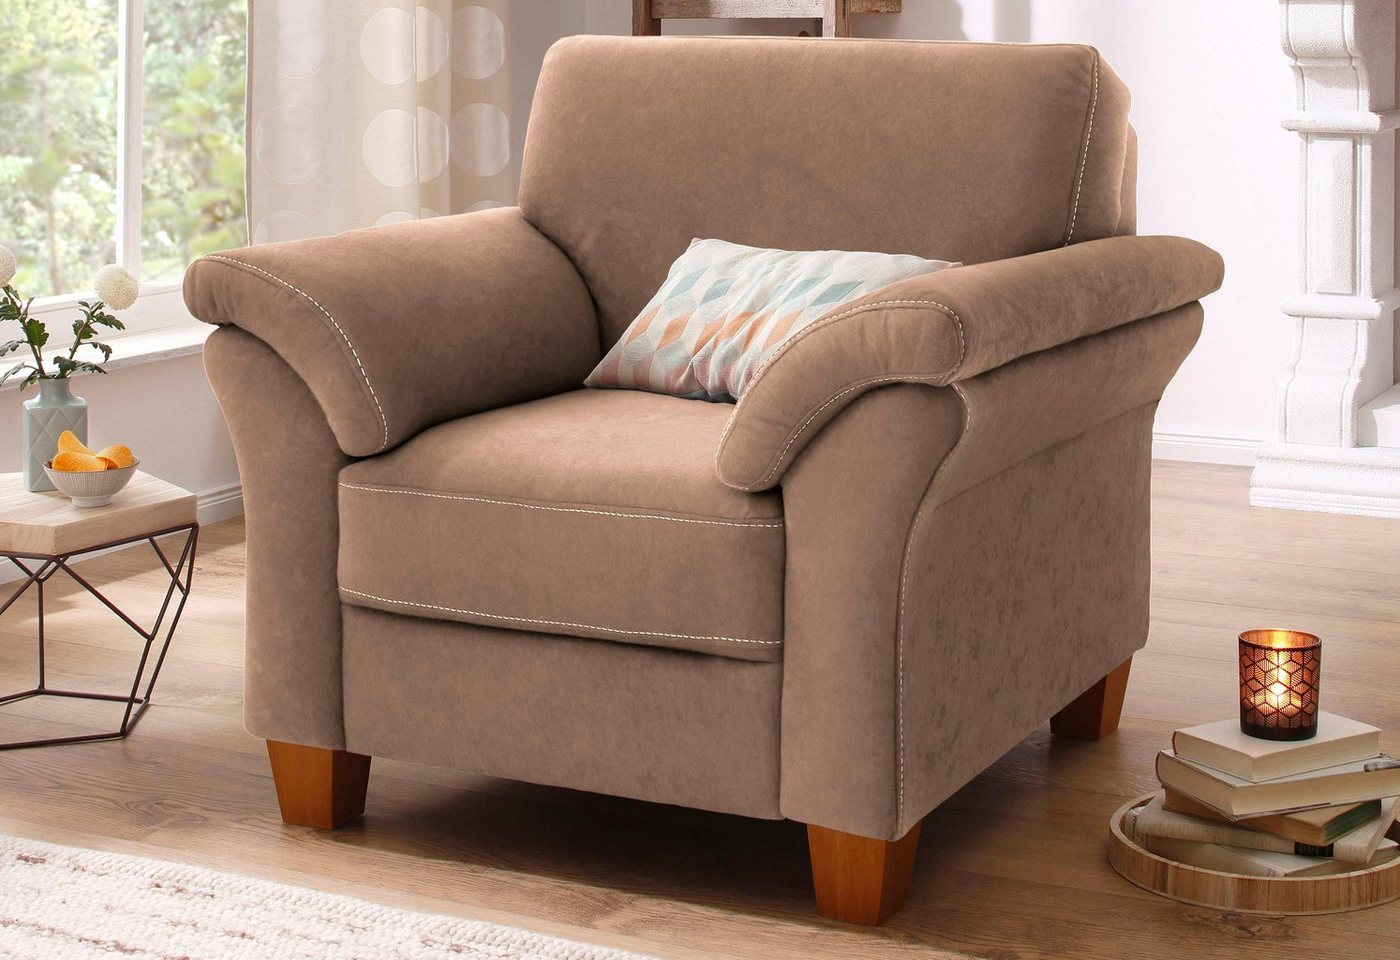 HOME AFFAIRE fauteuil Borkum met binnenvering